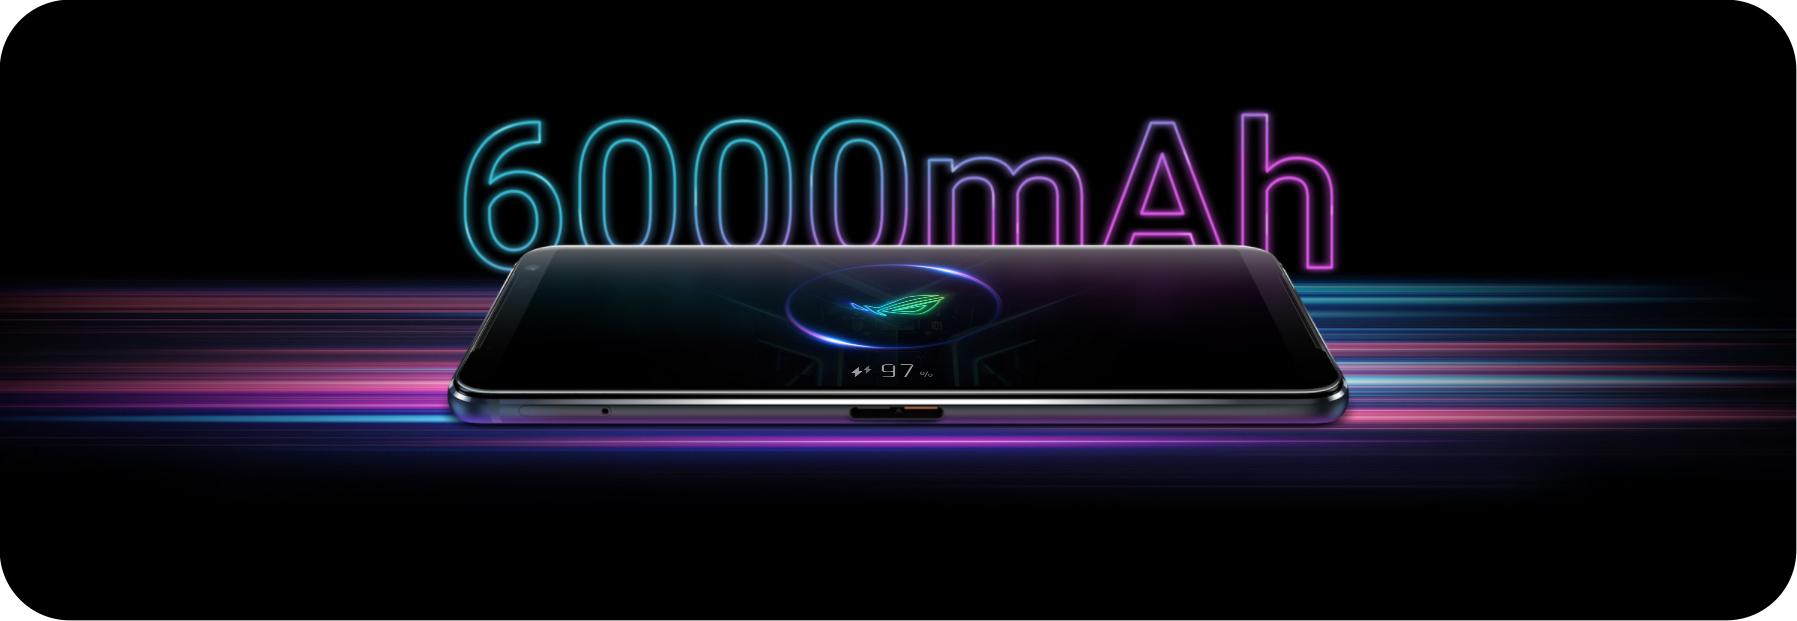 Asus ROG Phone 3